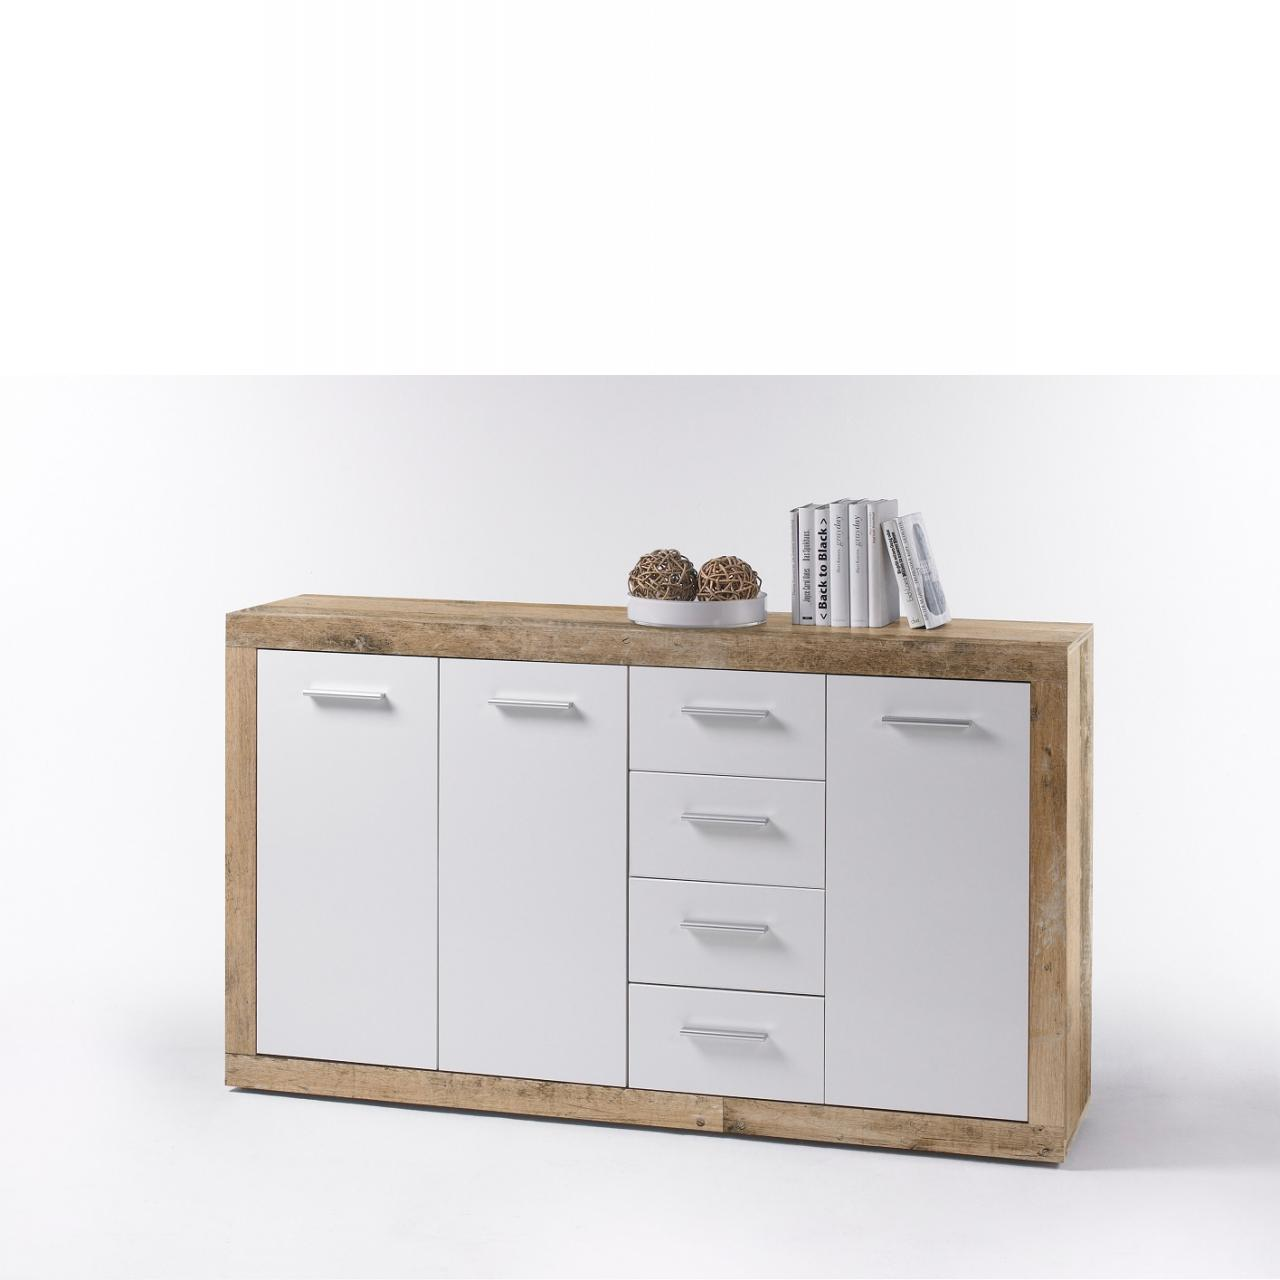 Kommode 3 Sassari 3 Türen 4 Schubladen MDF Old Style Hell Weiß Glanz Schrank